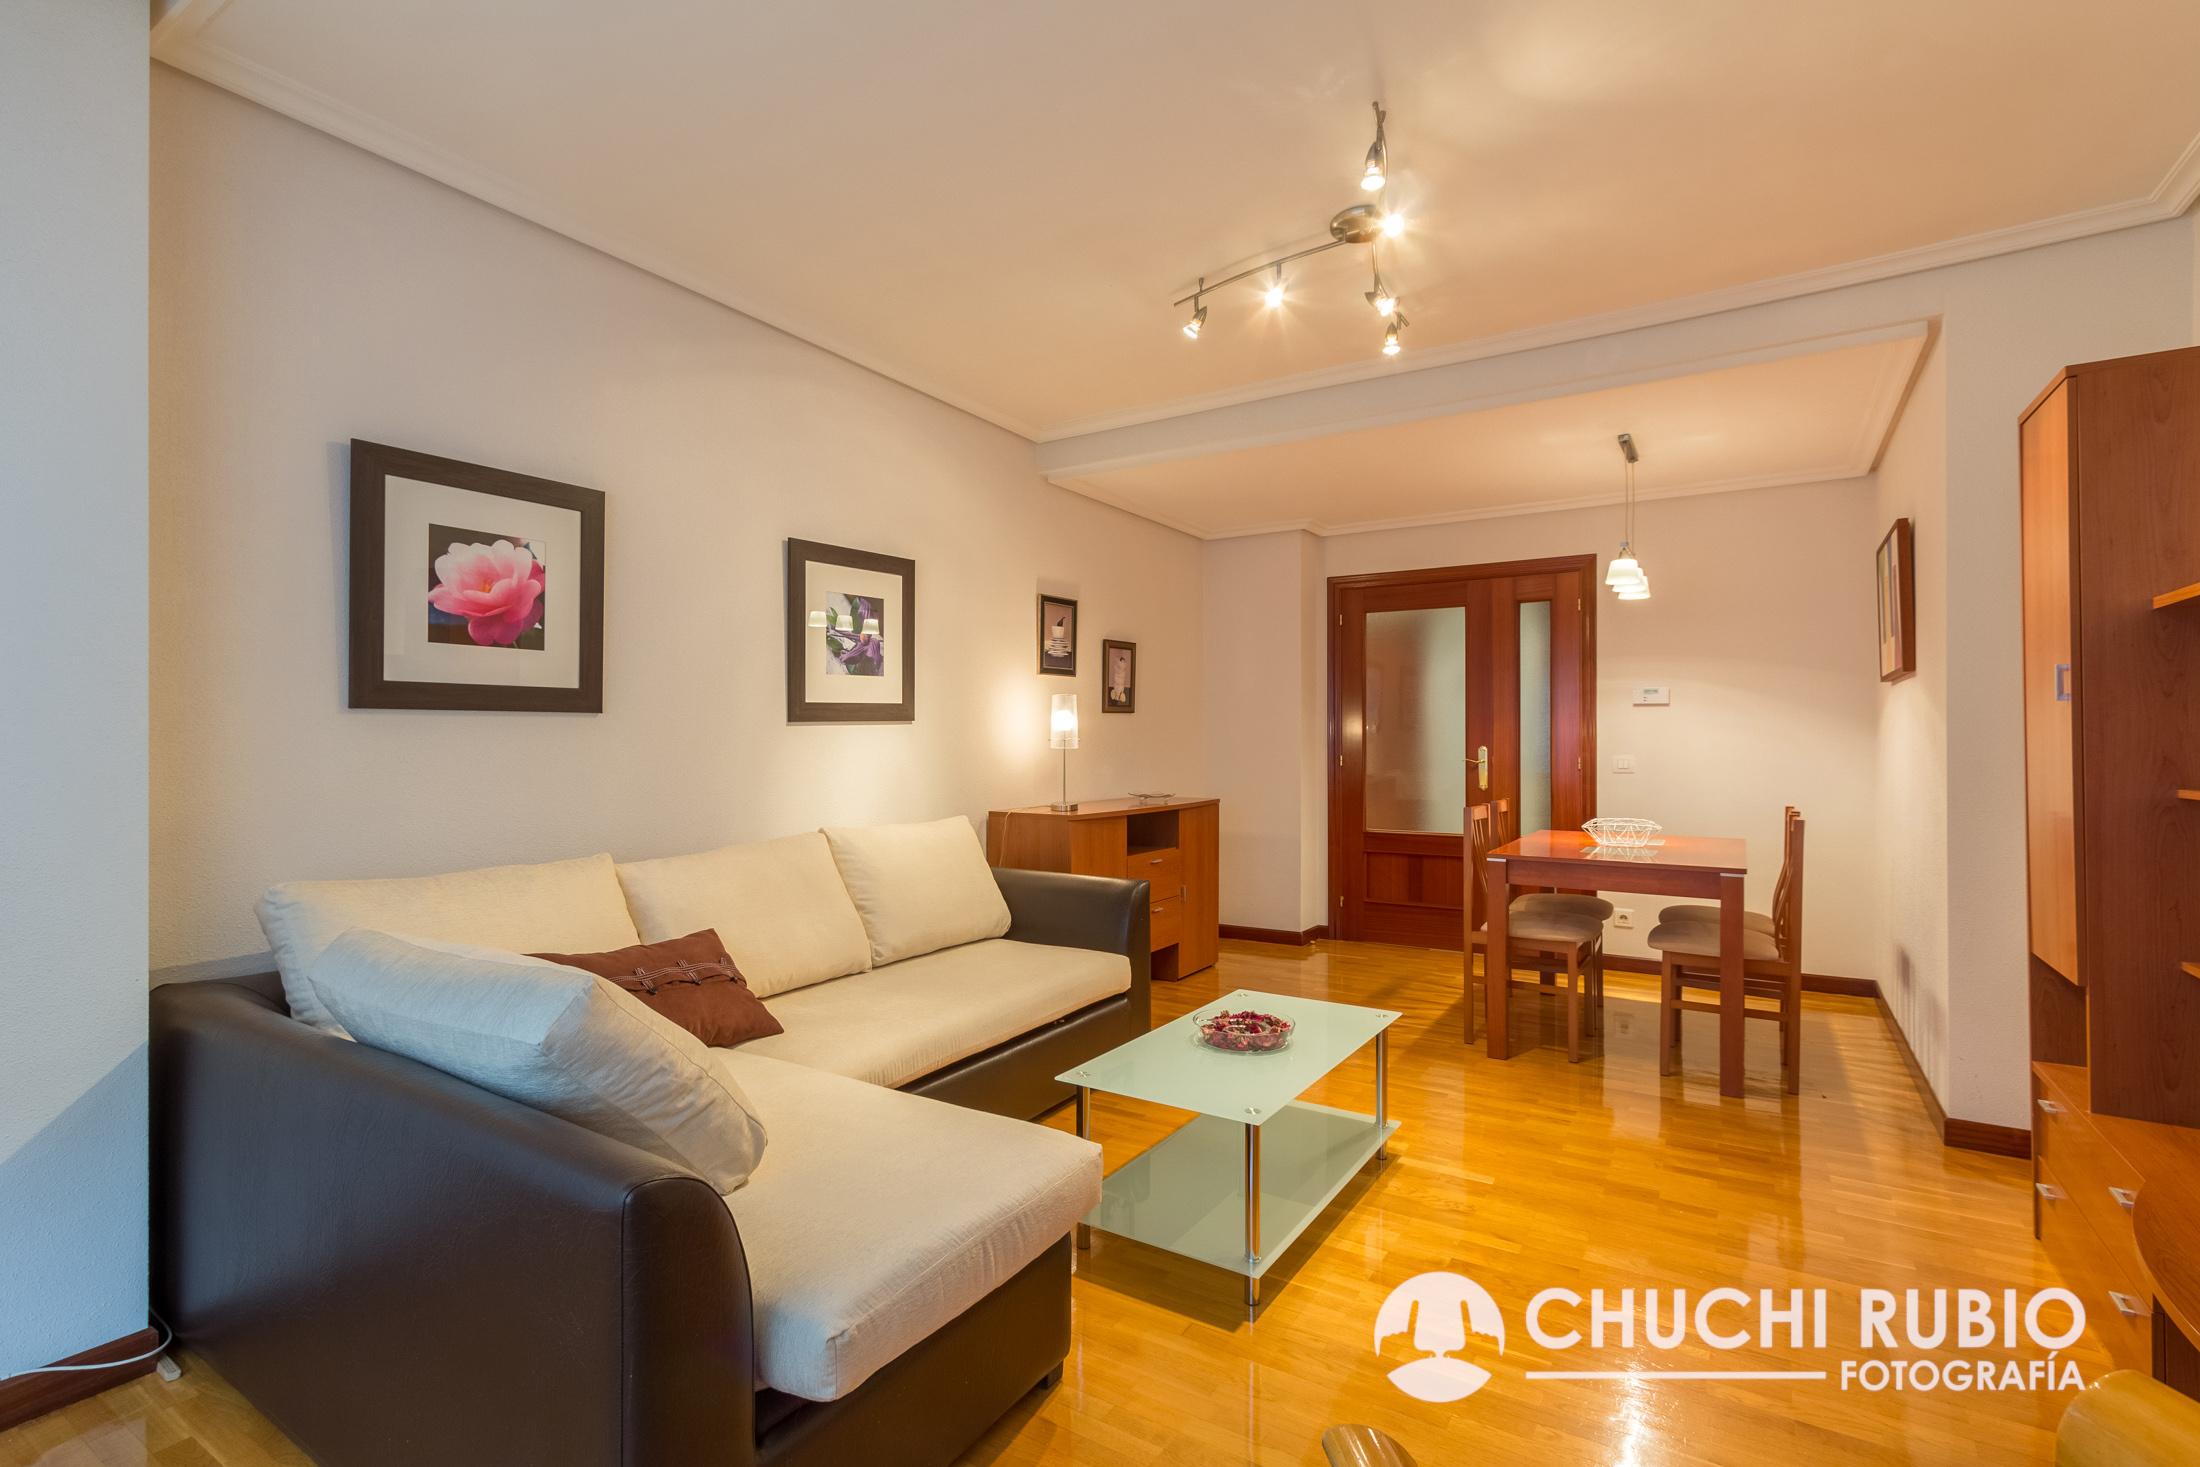 IMG 1013 HDR - Fotografía para Inmobiliarias, venta de pisos, locales...